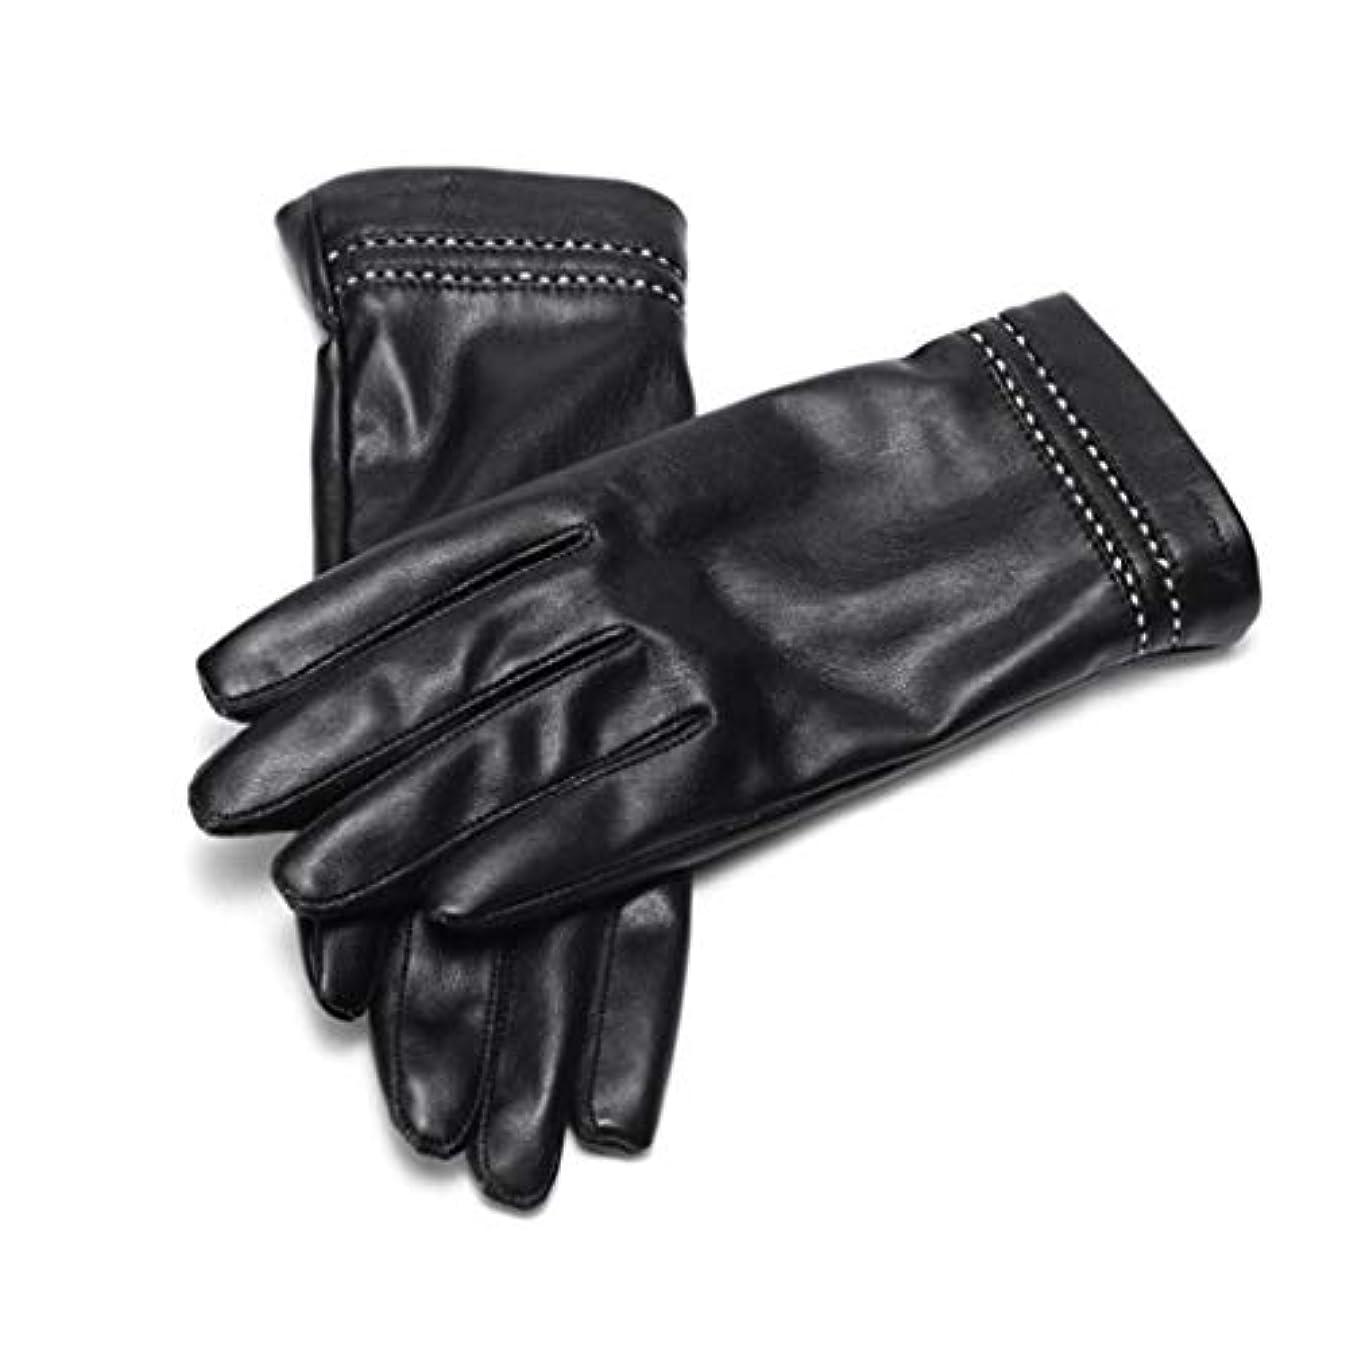 番号リマ入学する女性の革手袋秋と冬のファッションプラスベルベット暖かい滑り止めのタッチスクリーン革手袋の女性671141003黒